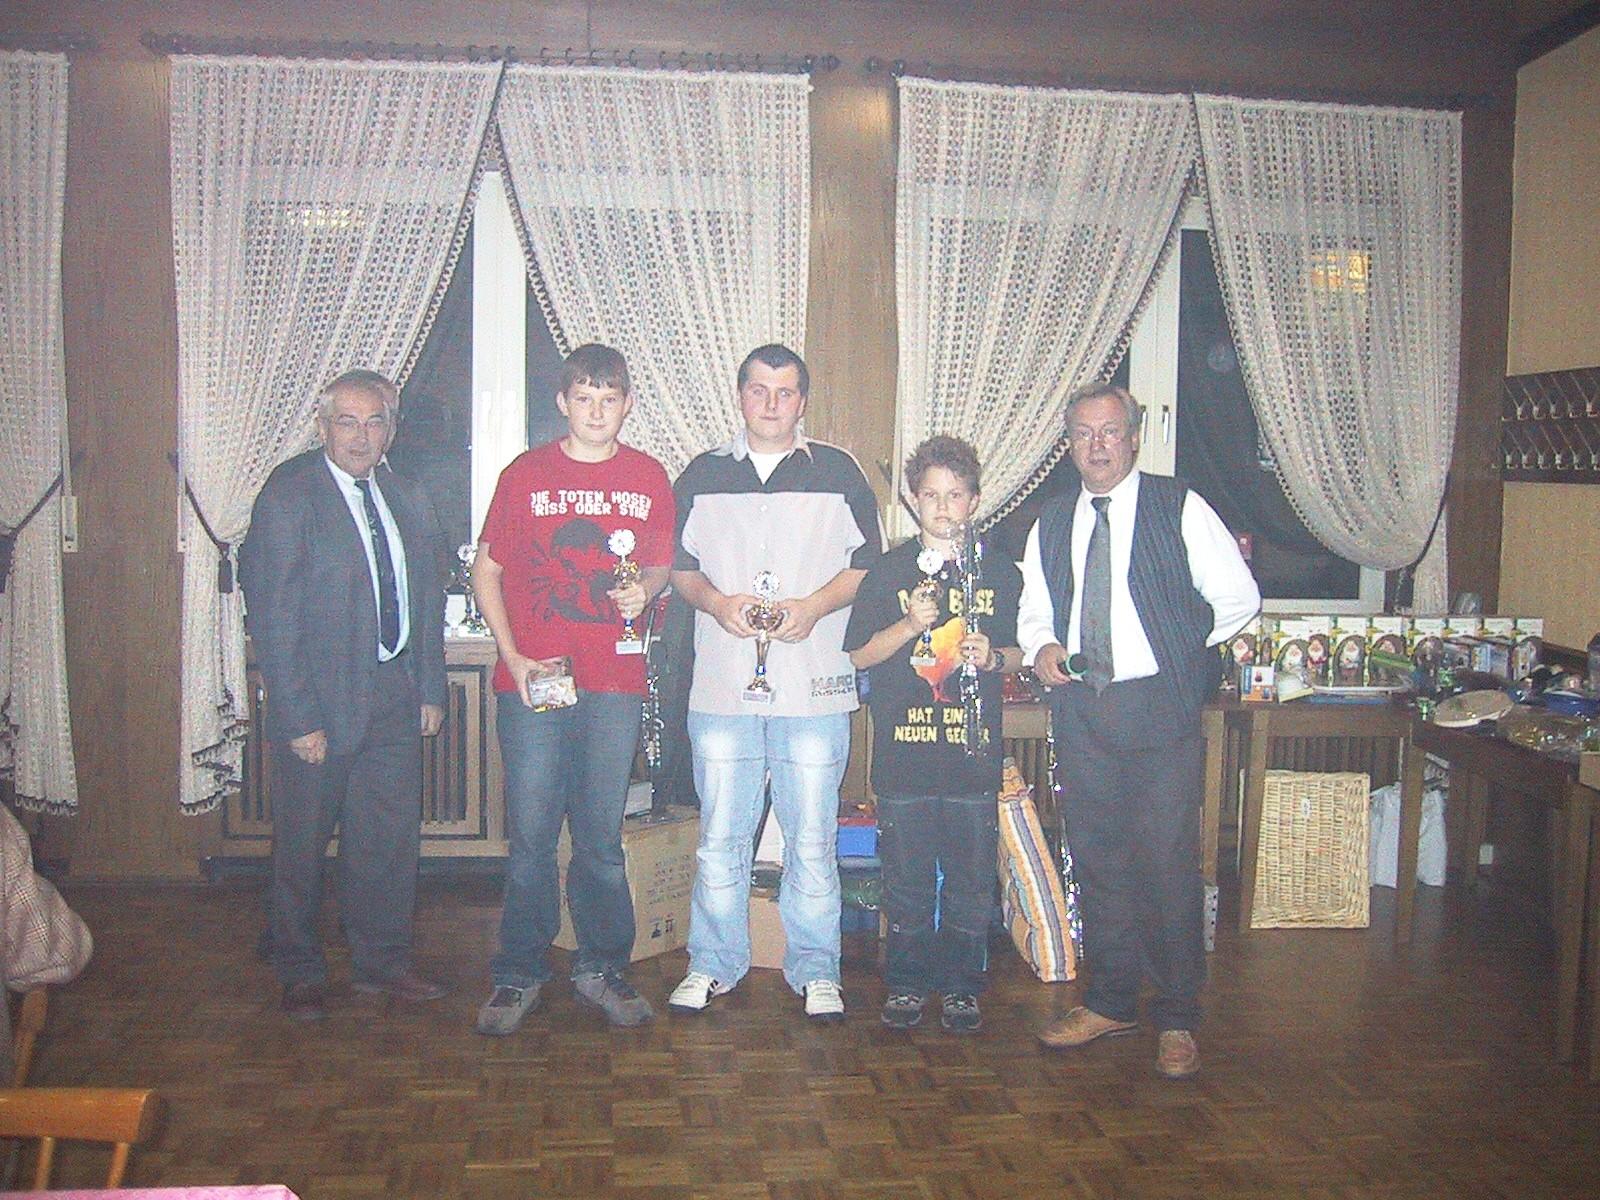 herbstfest-2006-12